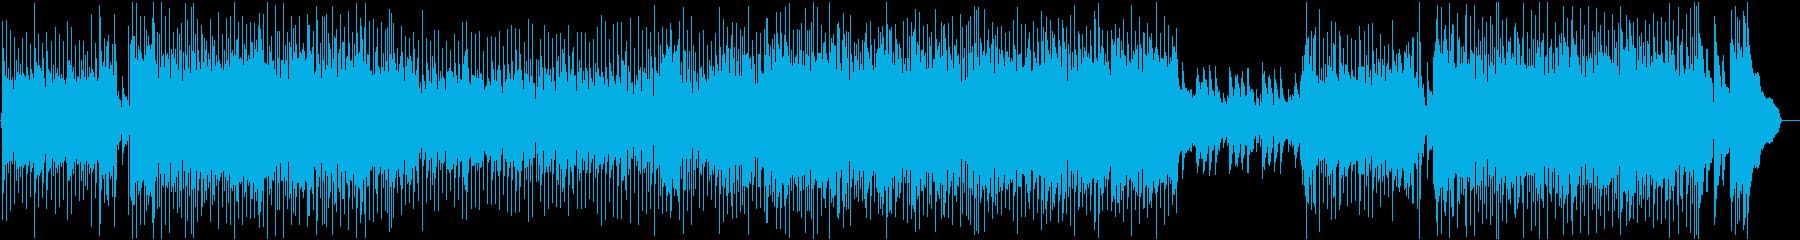 生音ギター・ピアノ・期待感・爽やか・海の再生済みの波形